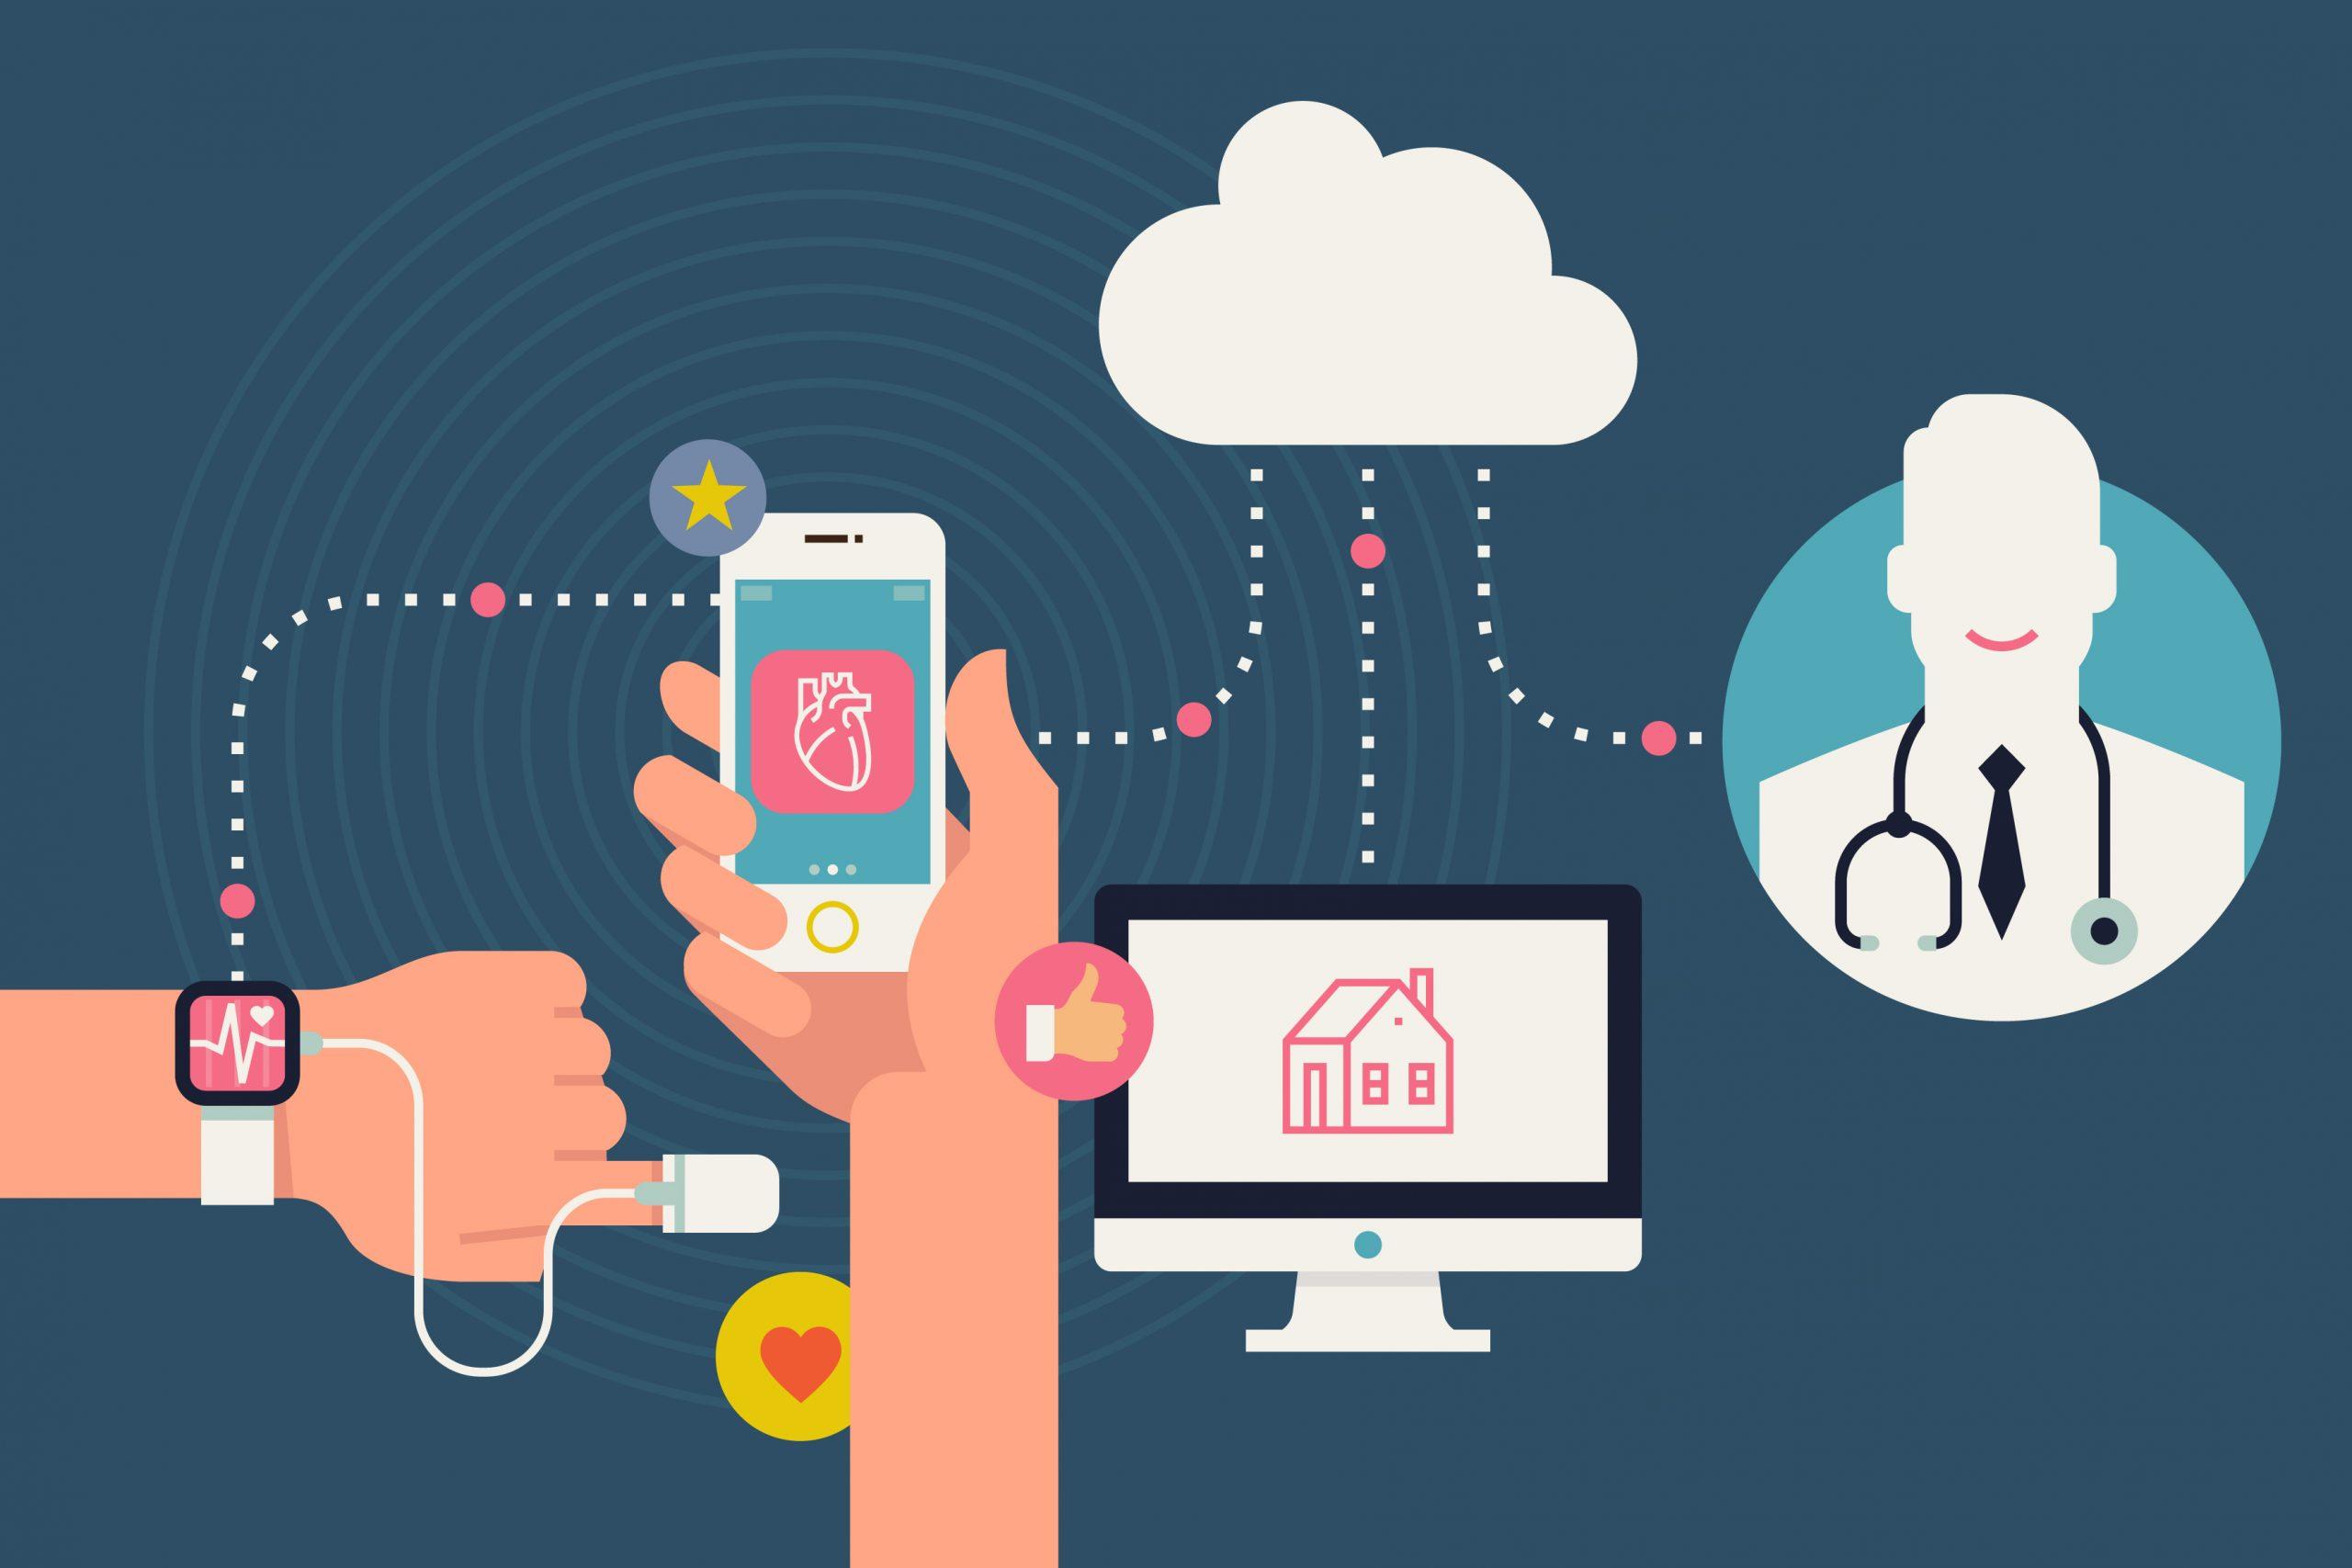 Imagem mostrando a conexão entre paciente, médico e a tecnologia